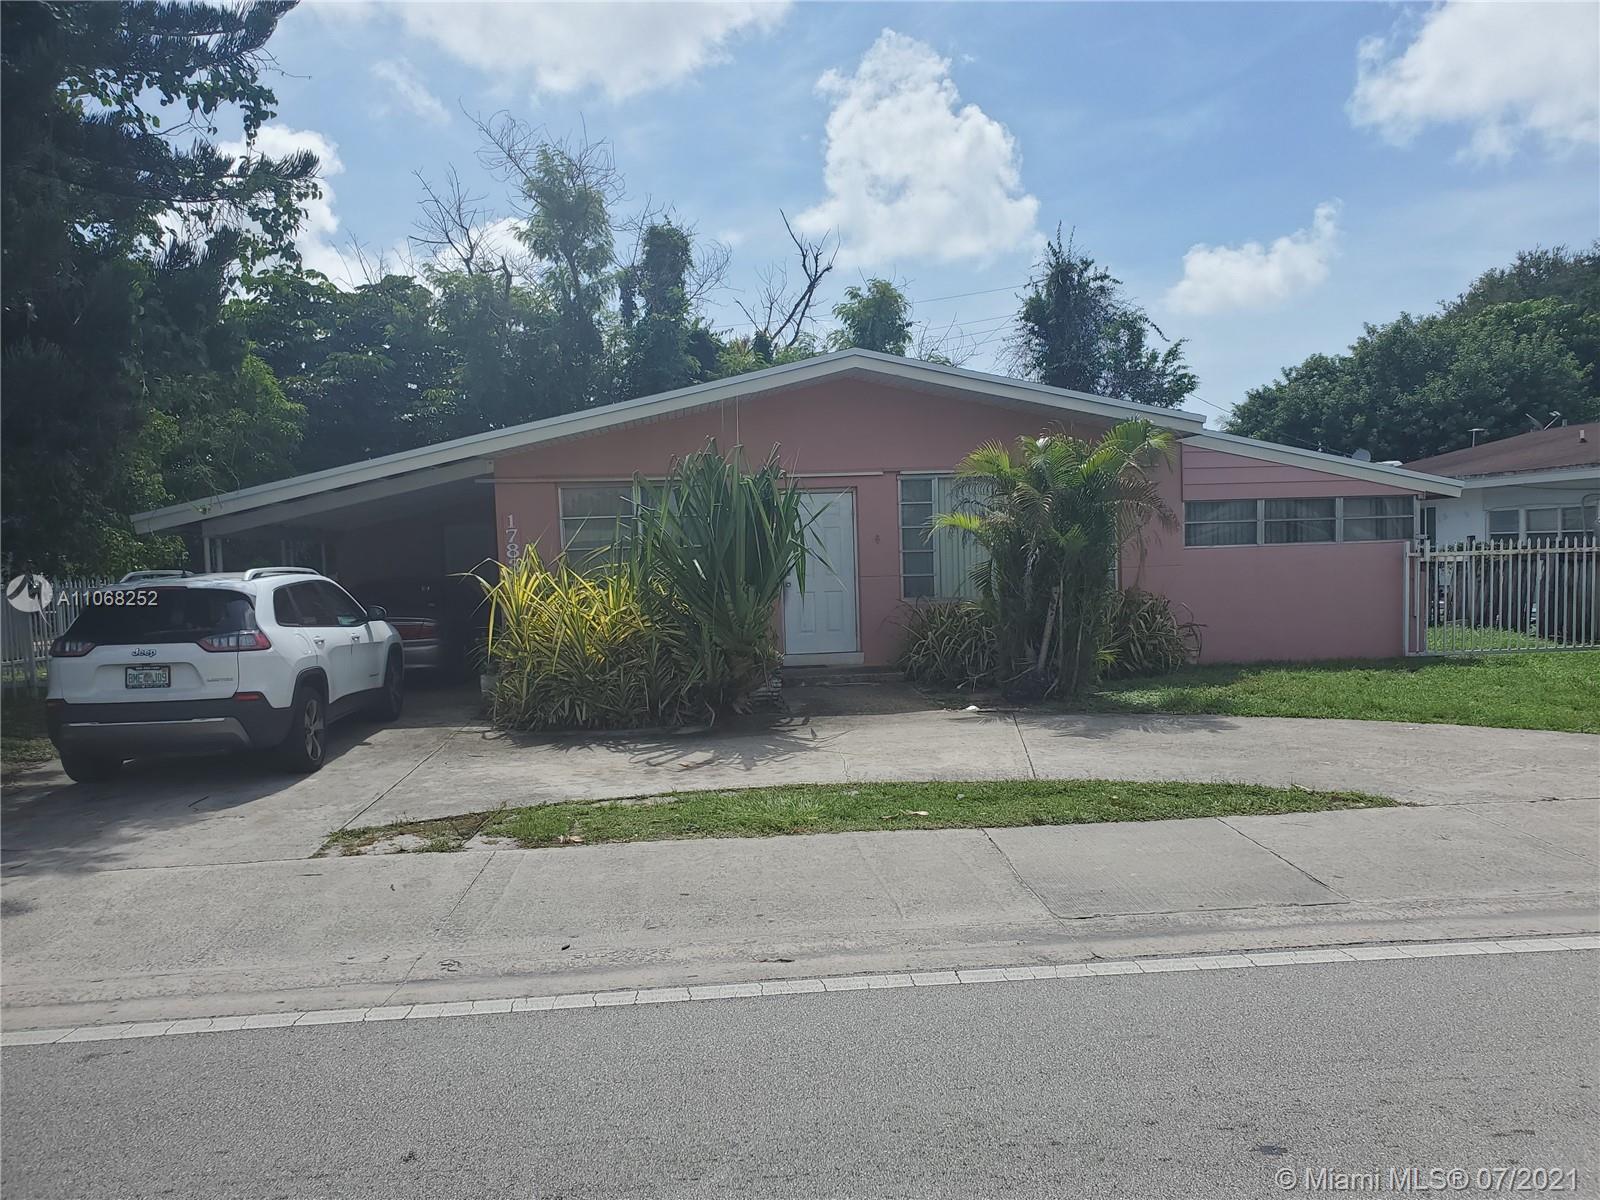 Highland Manor - 17835 NE 6th Ave, Miami, FL 33162